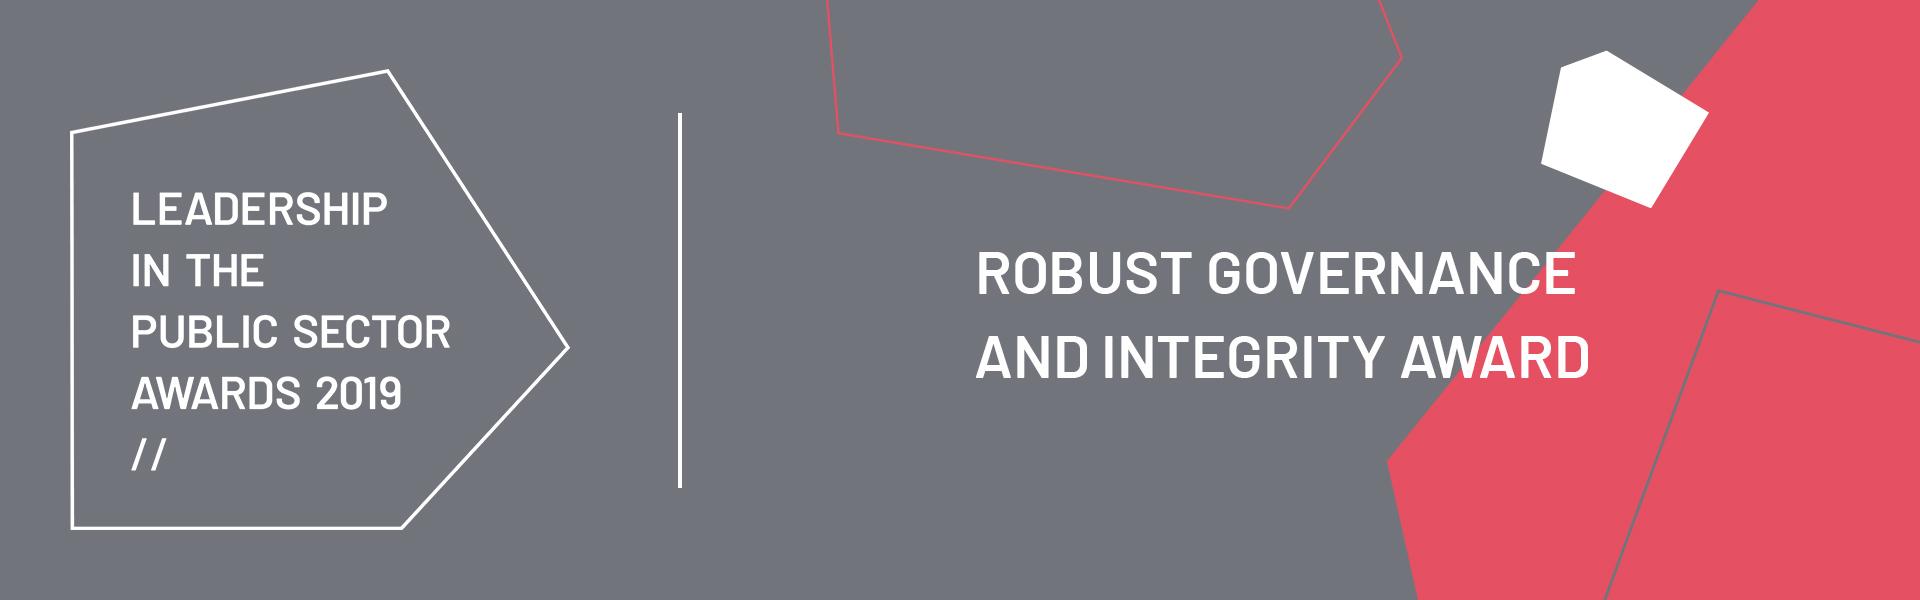 Robust Governance Award_1920x600_V1.jpg